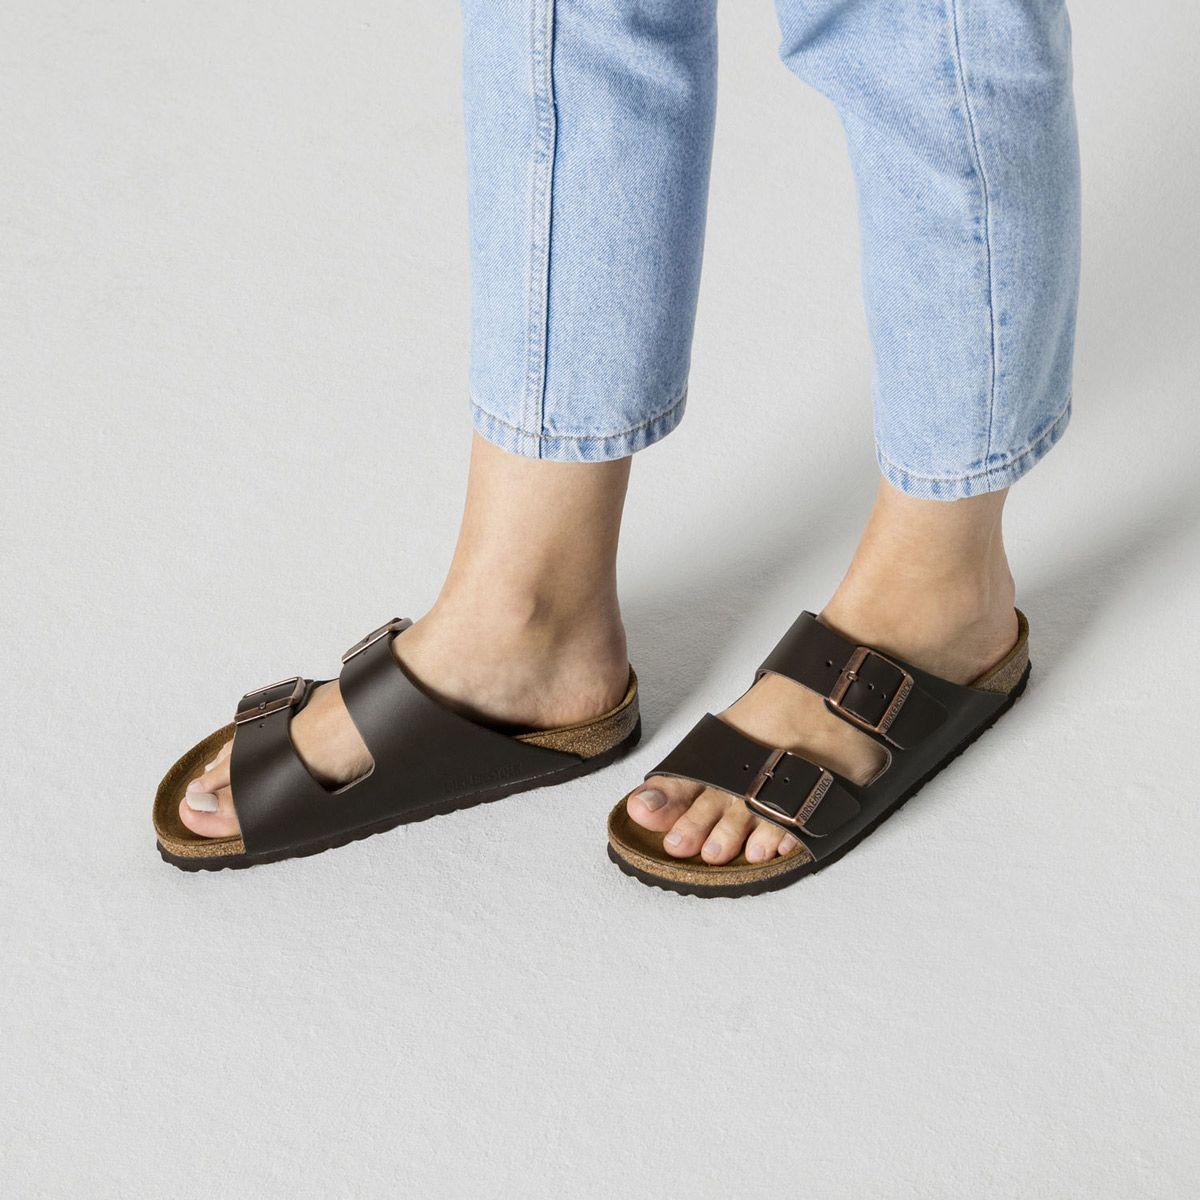 限時優惠!網購Birkenstock涼鞋低至8折+免費直運香港/澳門